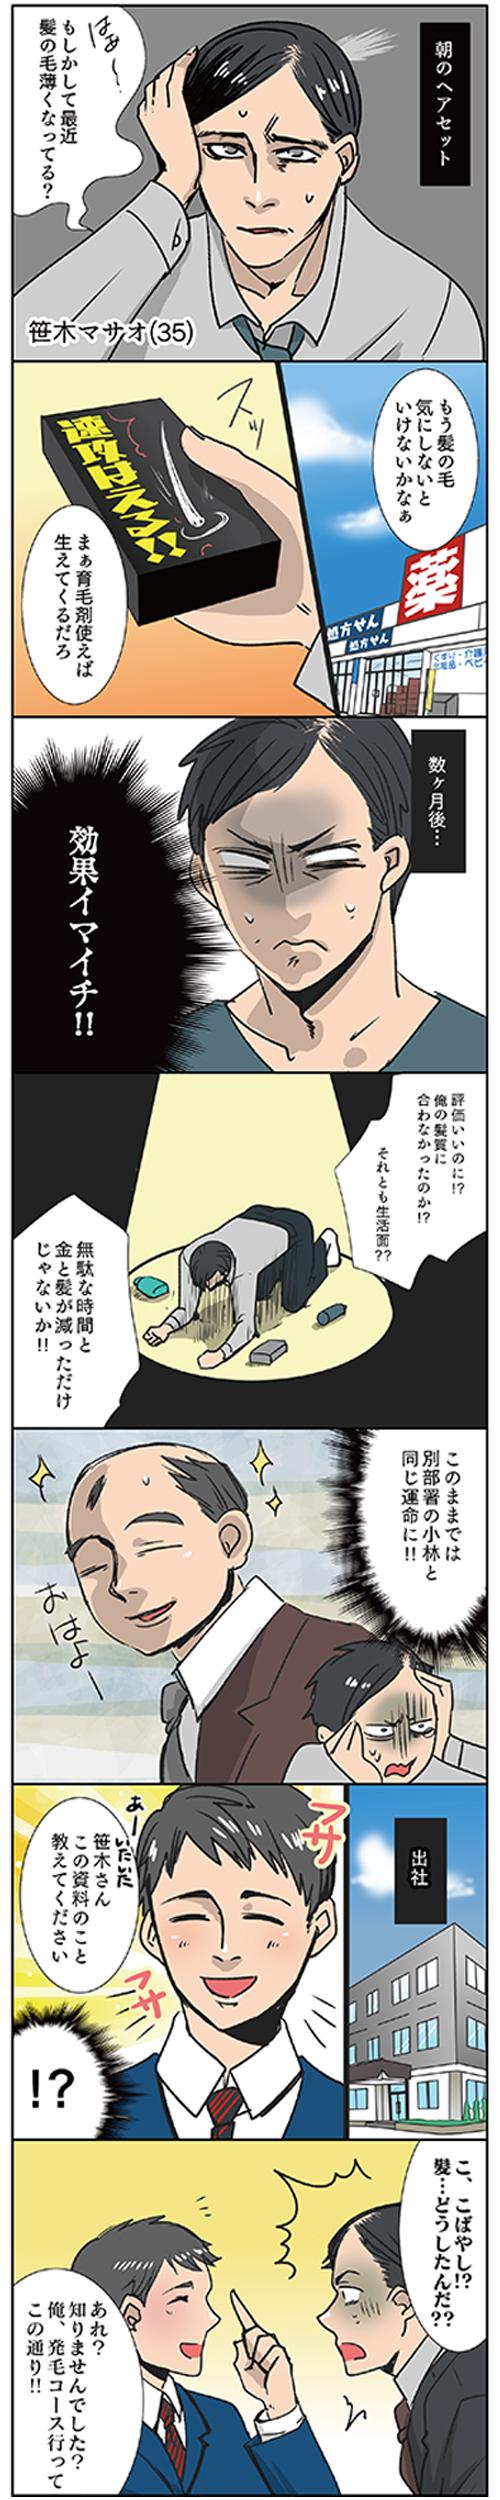 昭和区御器所トレサンパオム 薄毛漫画2